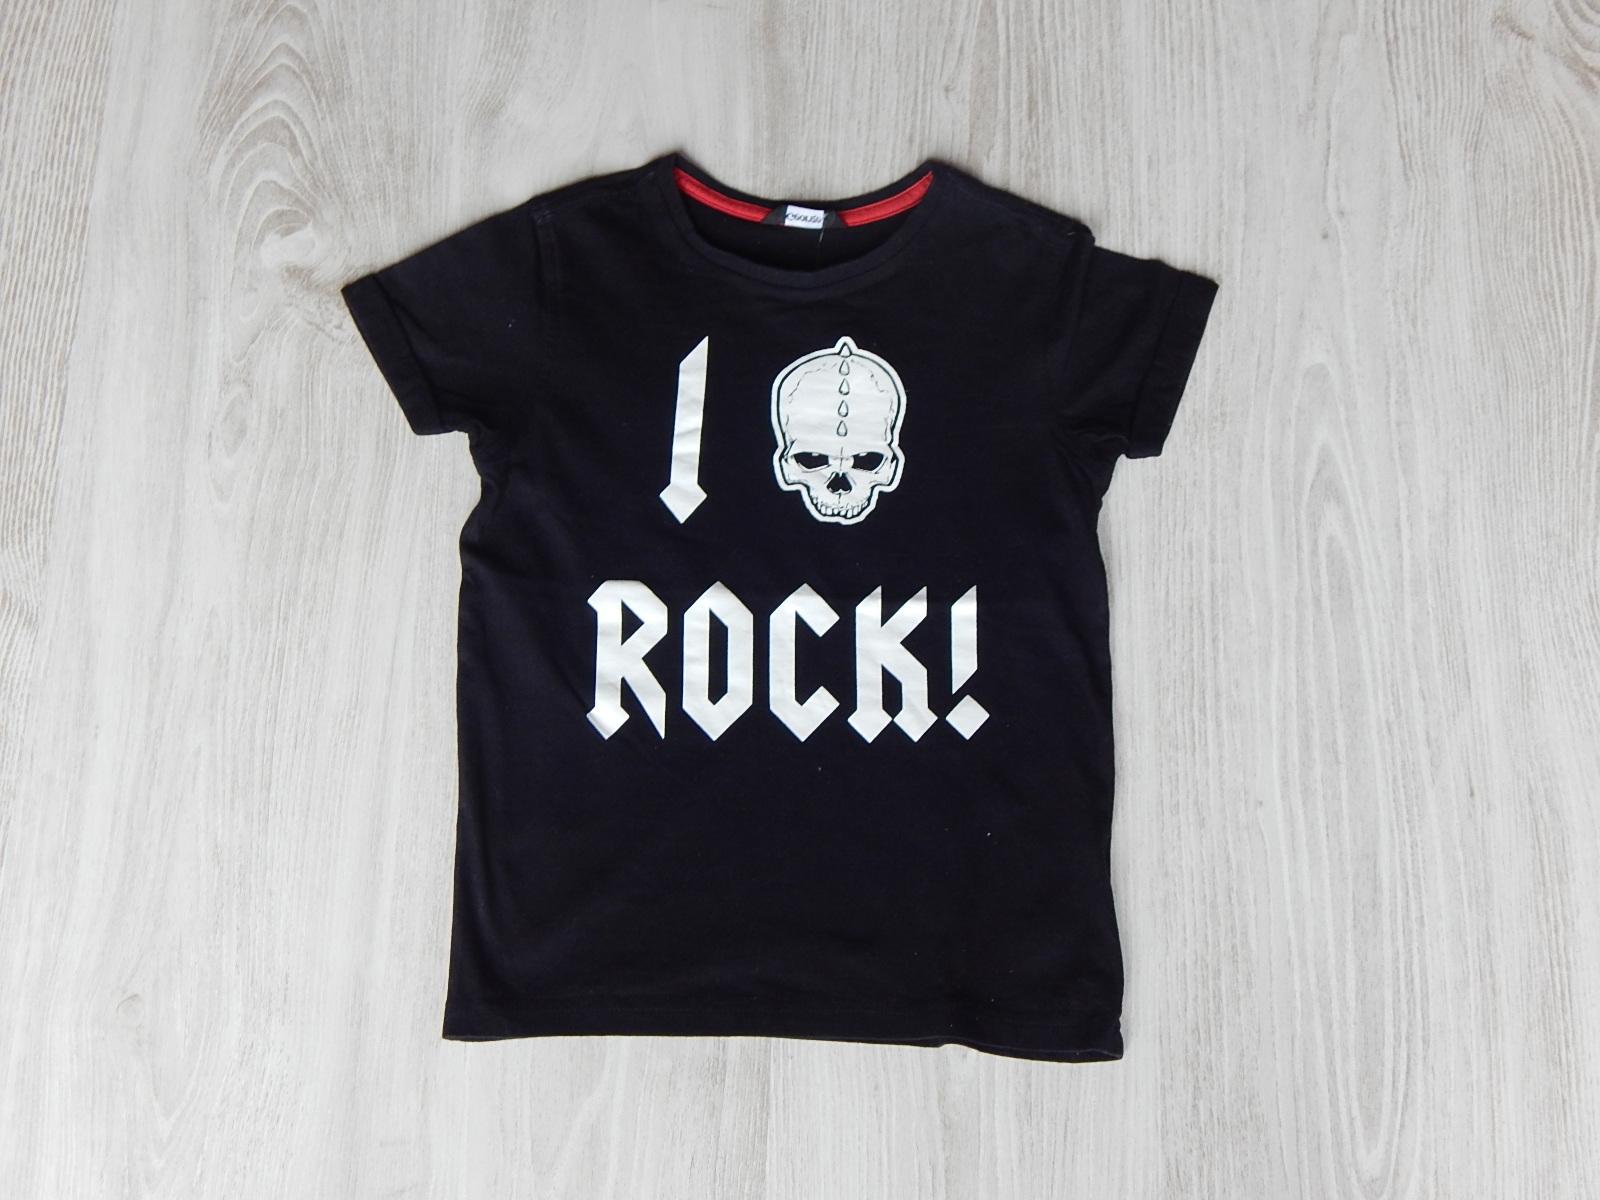 Fekete feliratos póló  122 (7 év)   Fiú ruhák     Lótusz Gyerekruha ... 14c466d09d